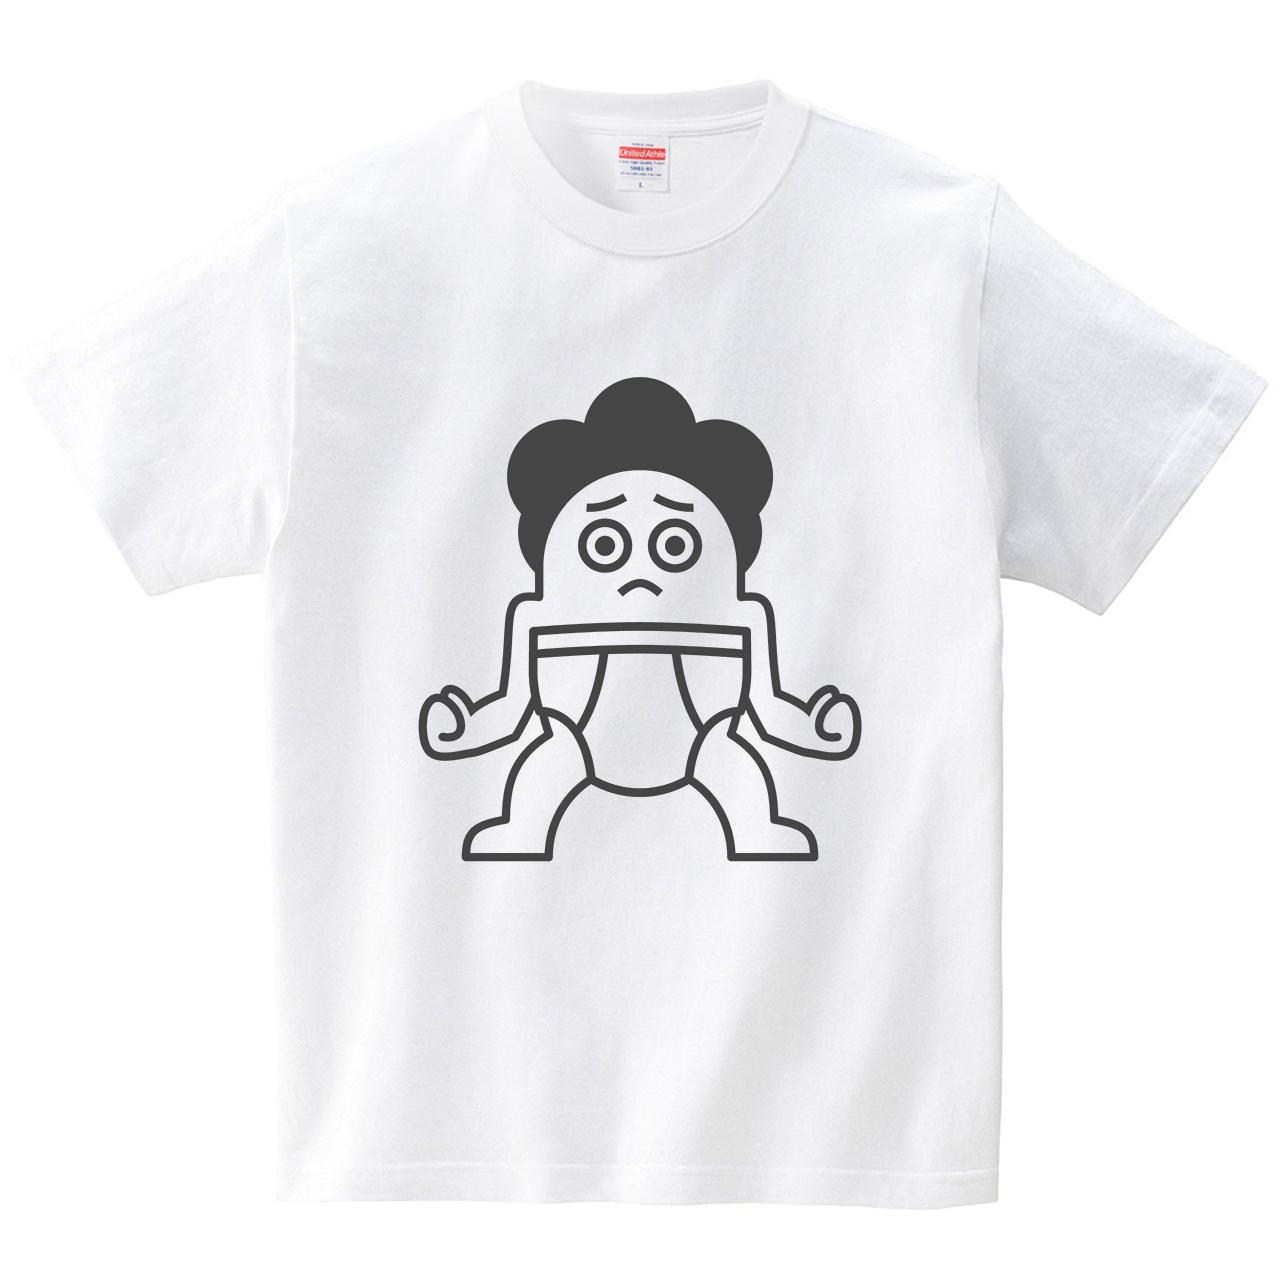 気合いパンツさん(Tシャツ・ホワイト)(犬田猫三郎)